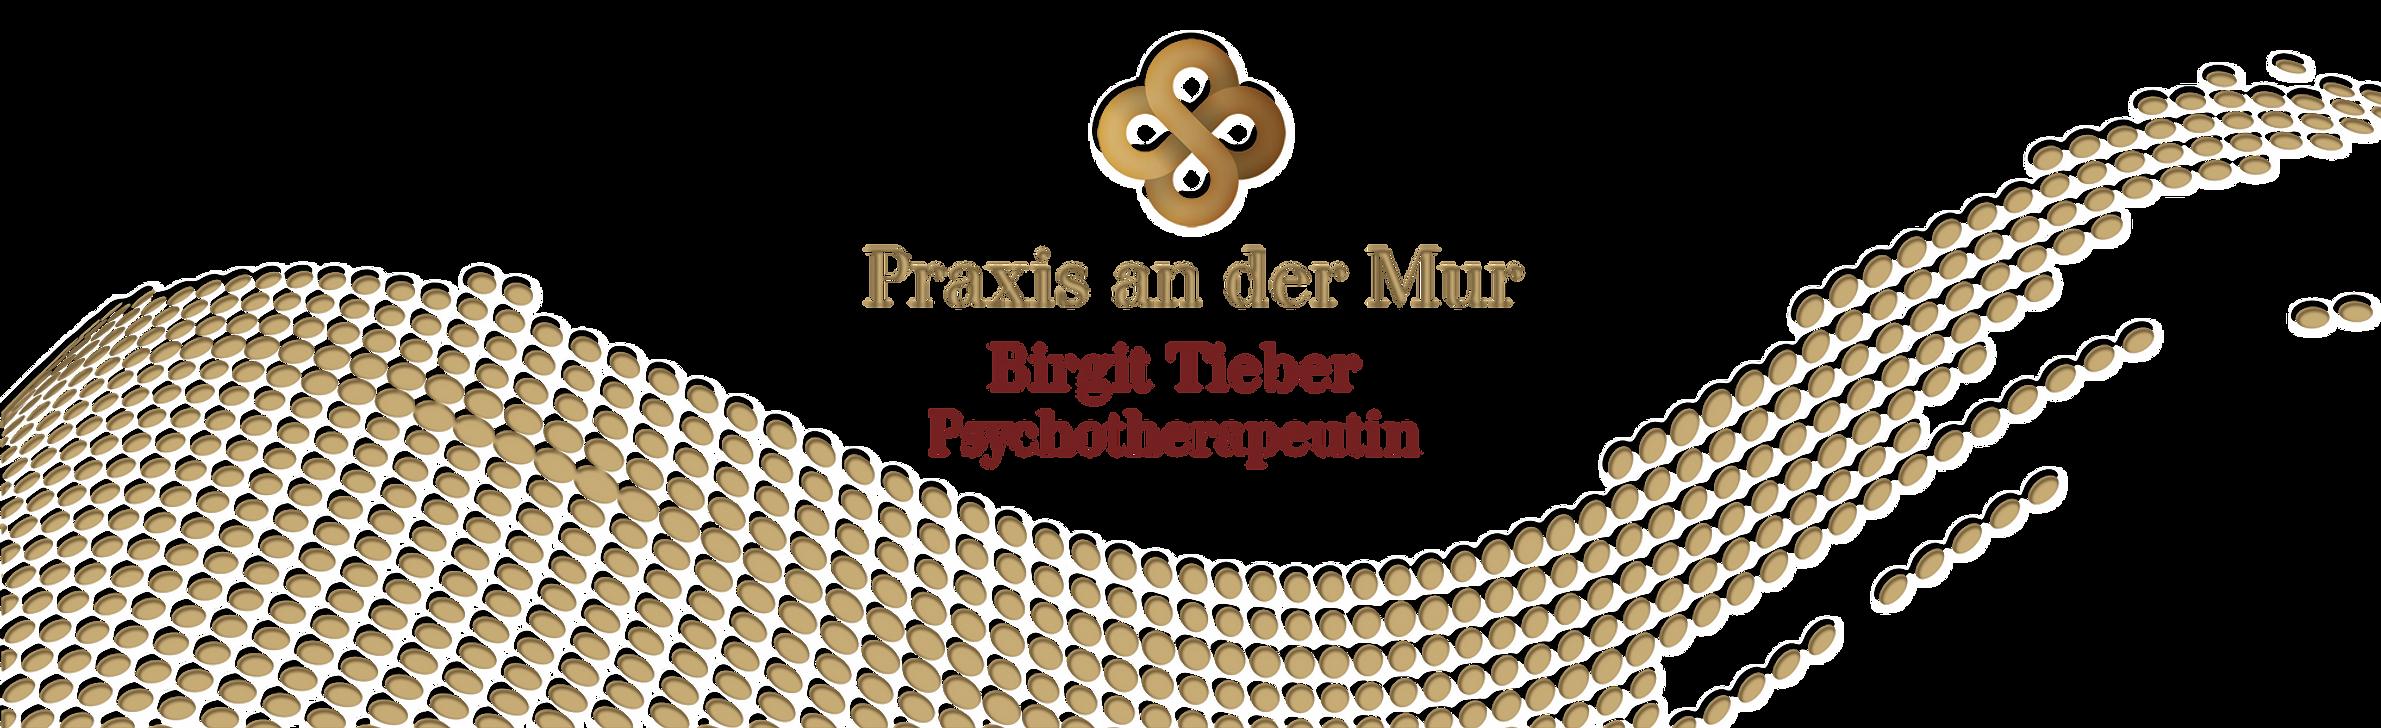 praxis-an-der-mur.png